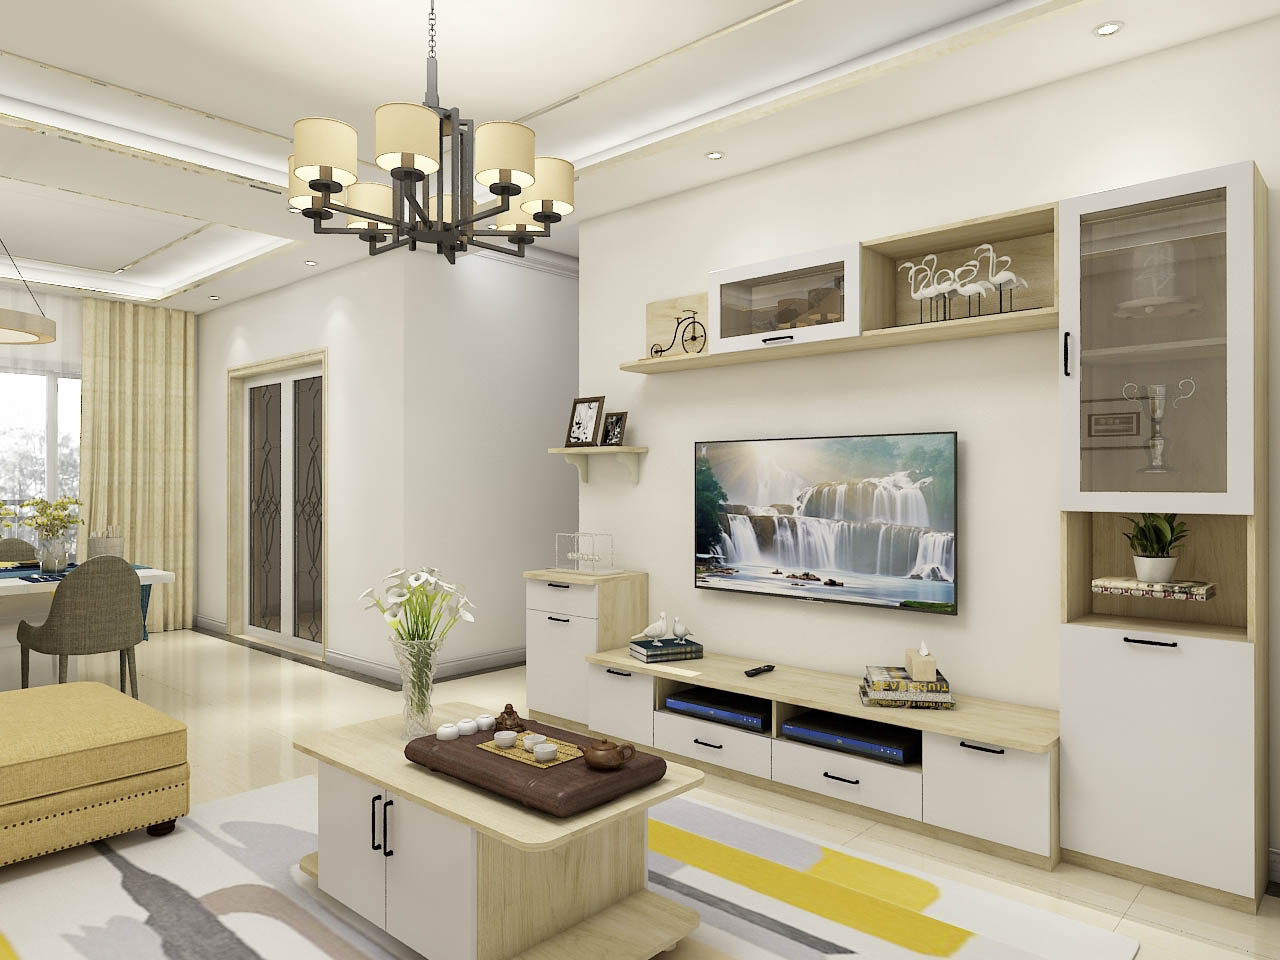 广州市维柏家具提供有品质的全屋定制服务-广东全屋定制衣柜商家